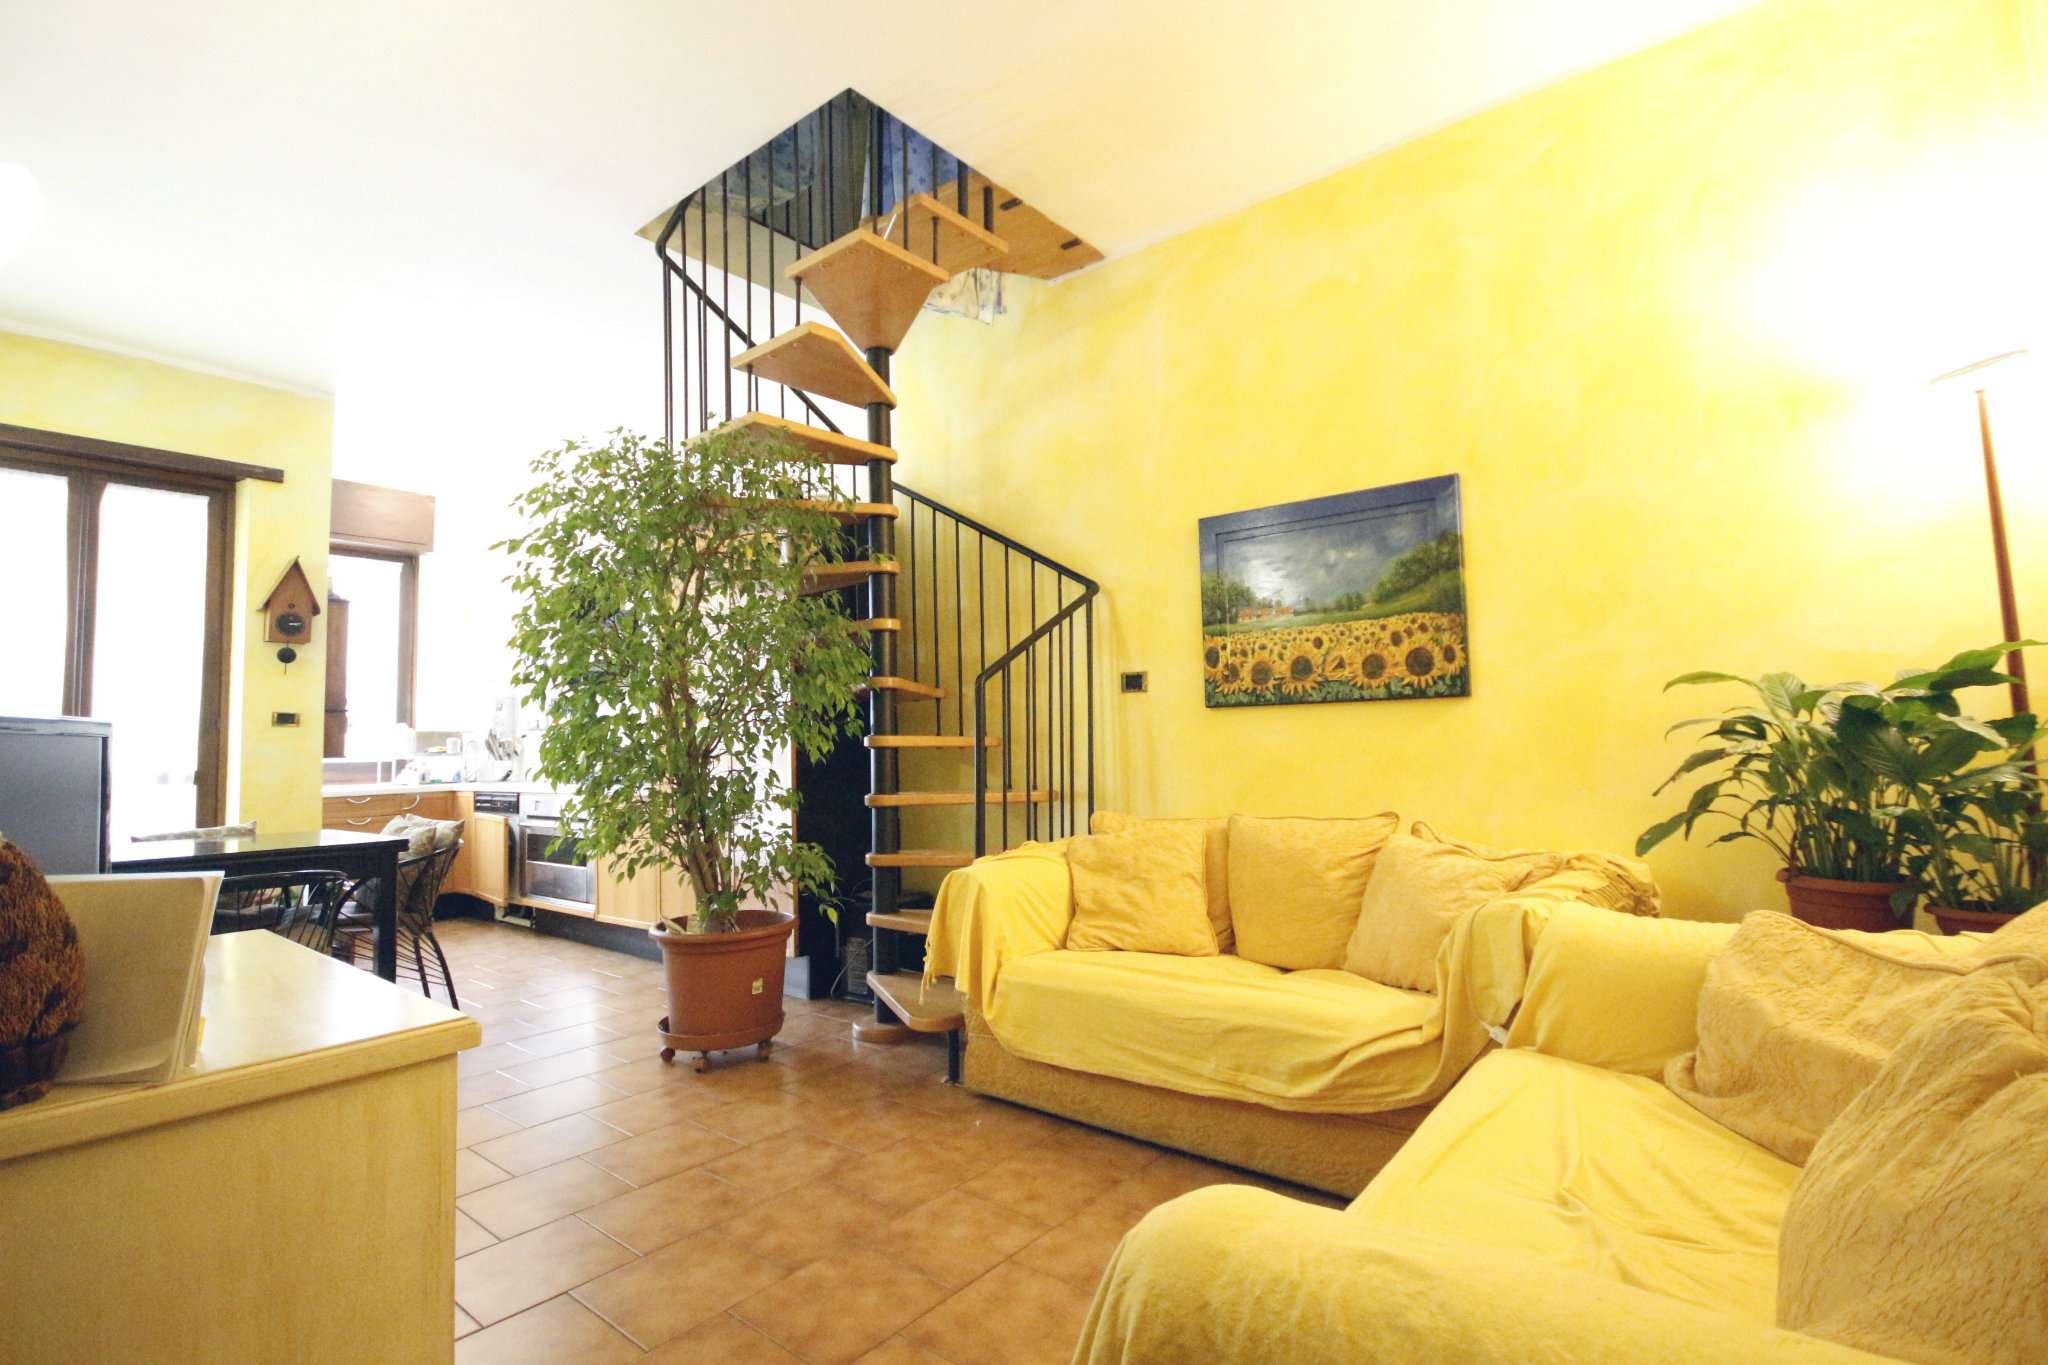 Foto 1 di Trilocale via Duino 186, Torino (zona Mirafiori)